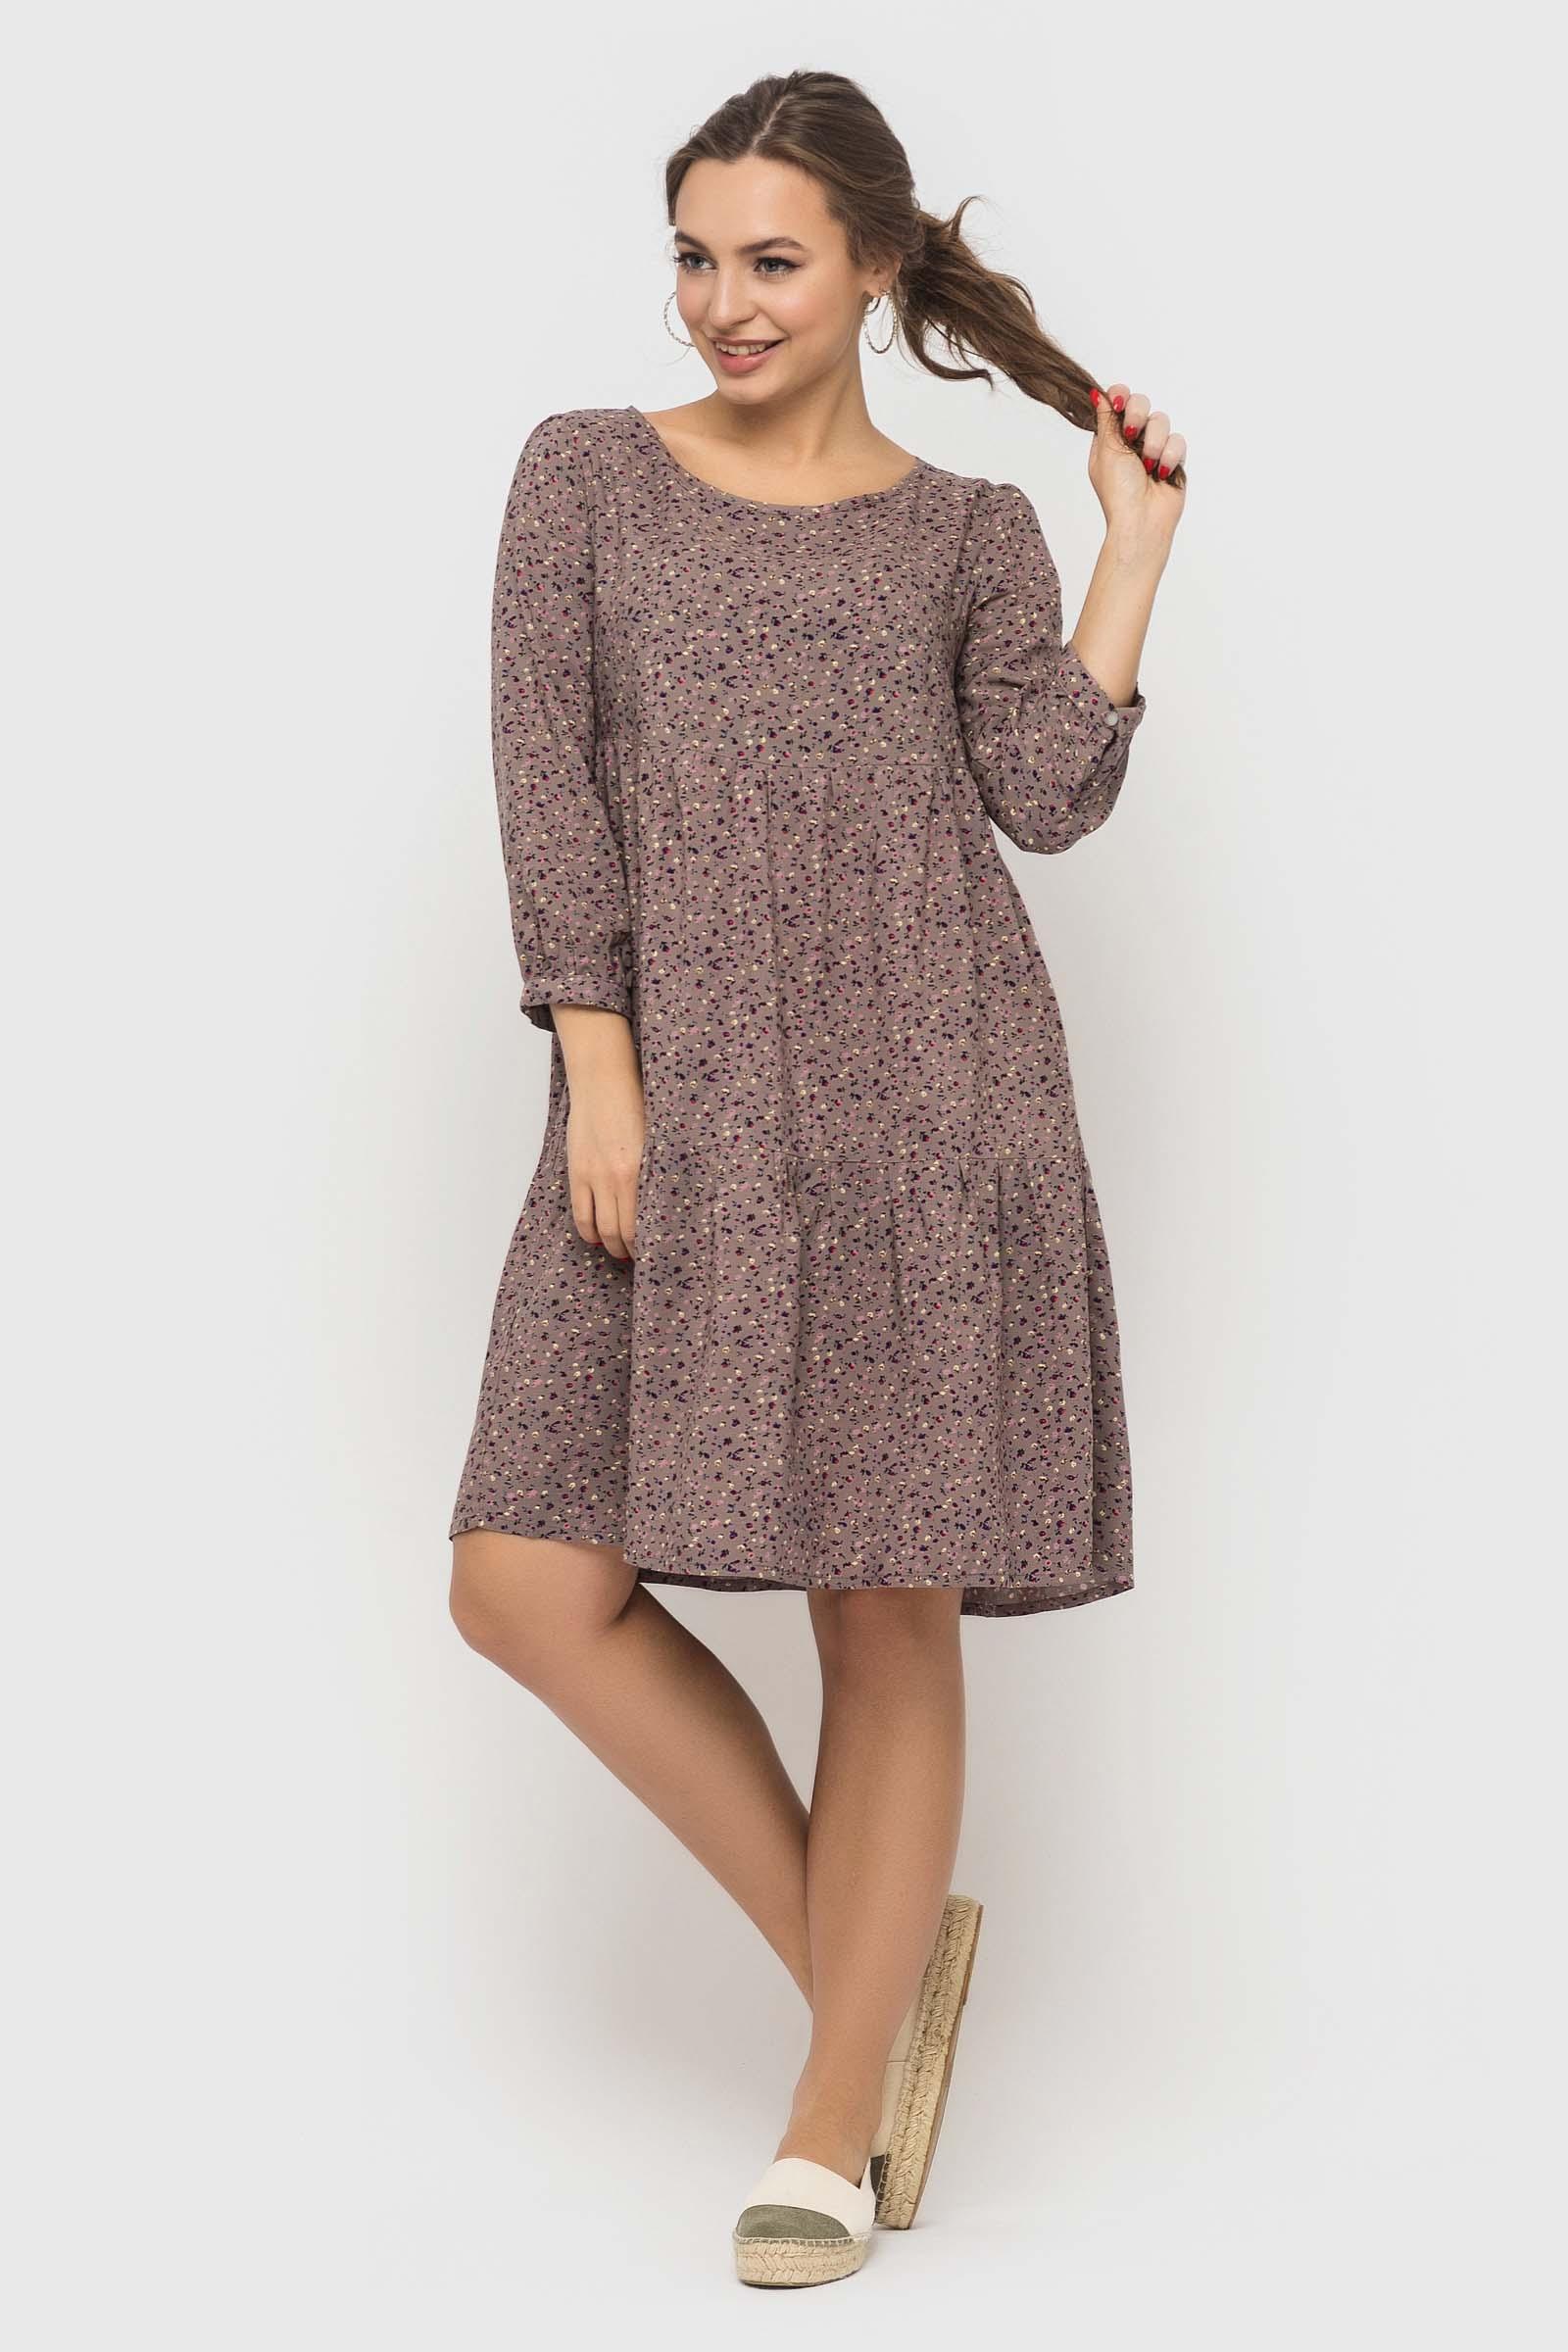 be art 2020 04 07182155 Купить платье